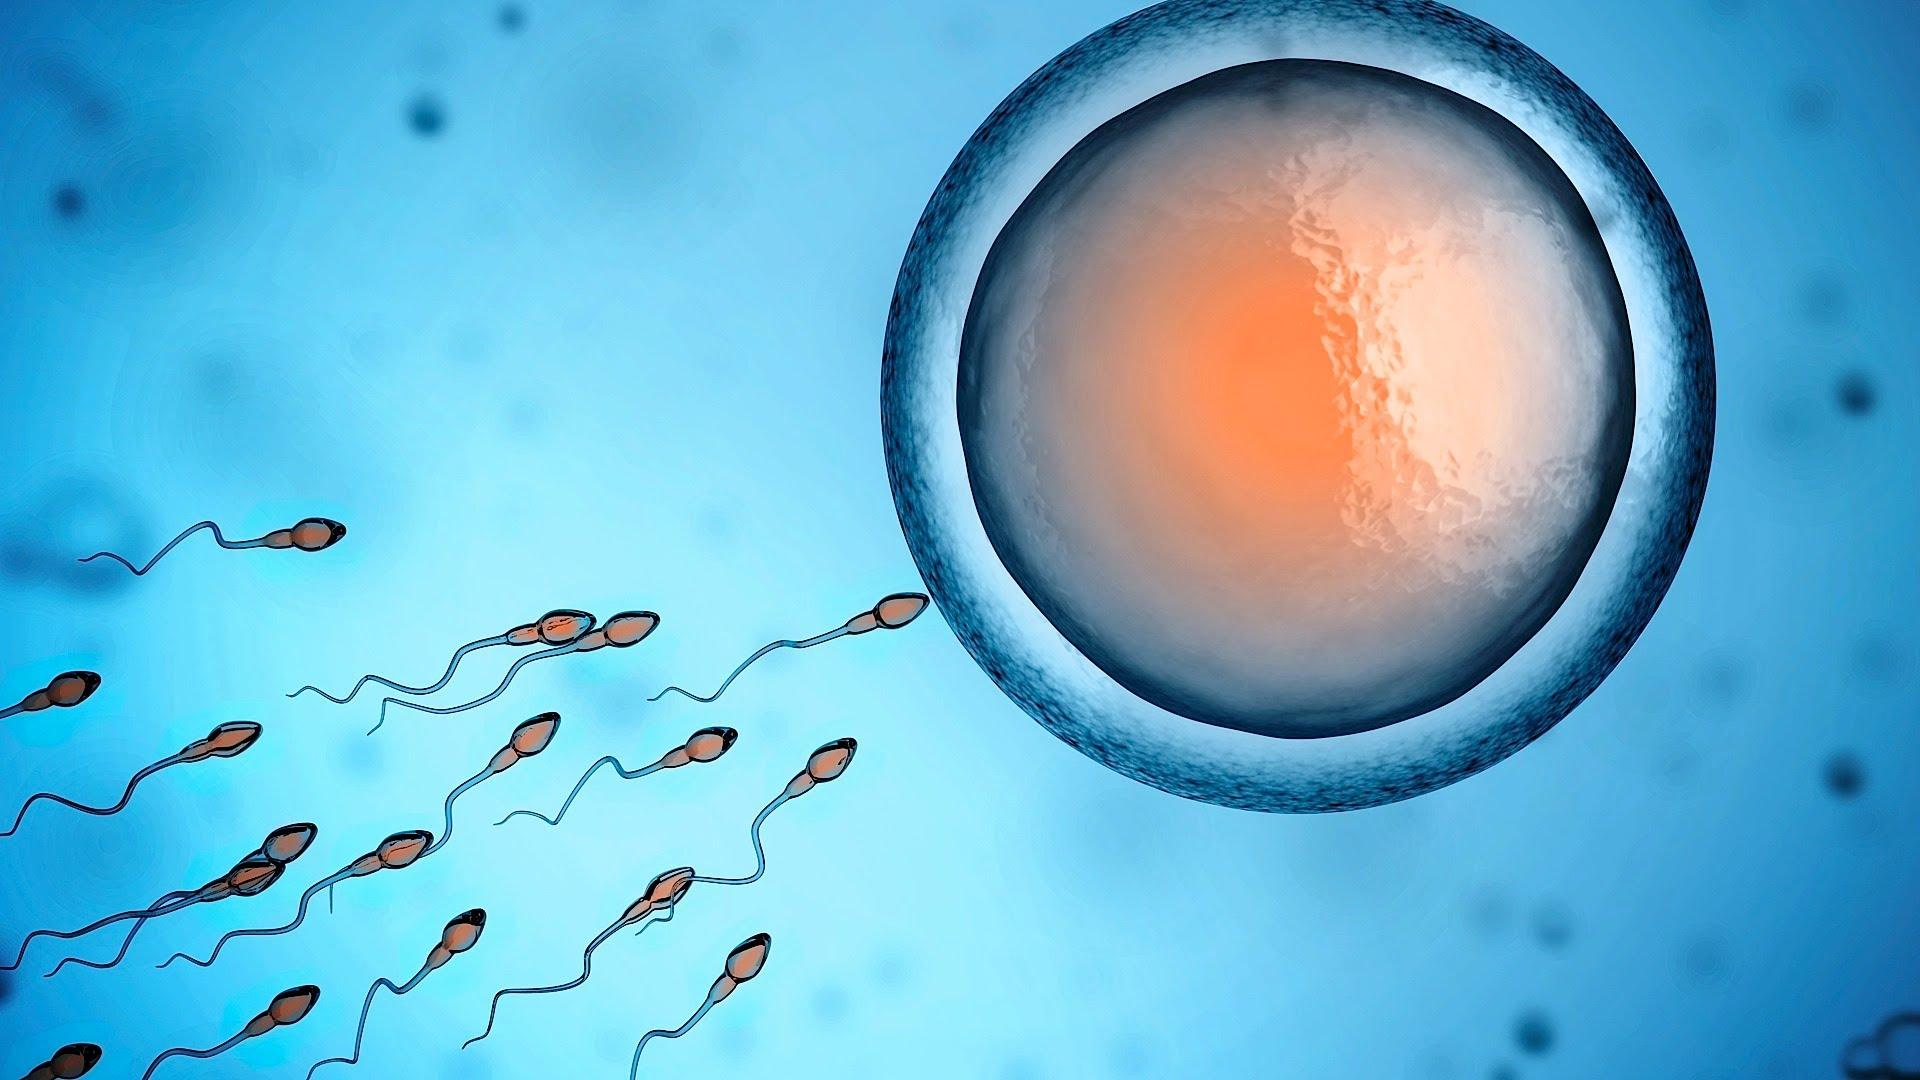 Виноваты ли в выкидышах плохие сперматозоиды?